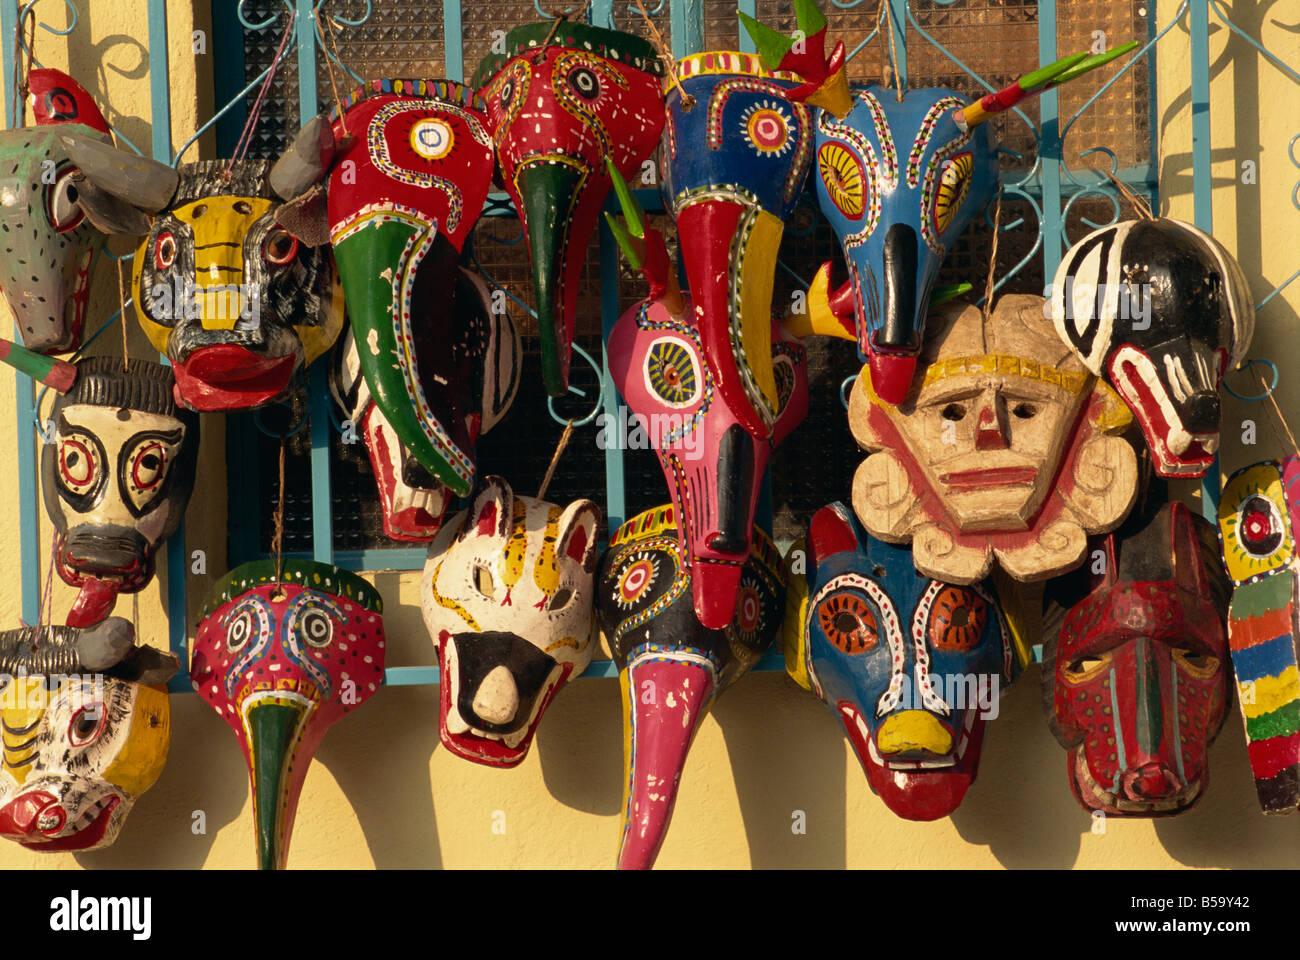 Wooden masks, Panajachel, Lake Atitlan, Guatemala, Central America - Stock Image